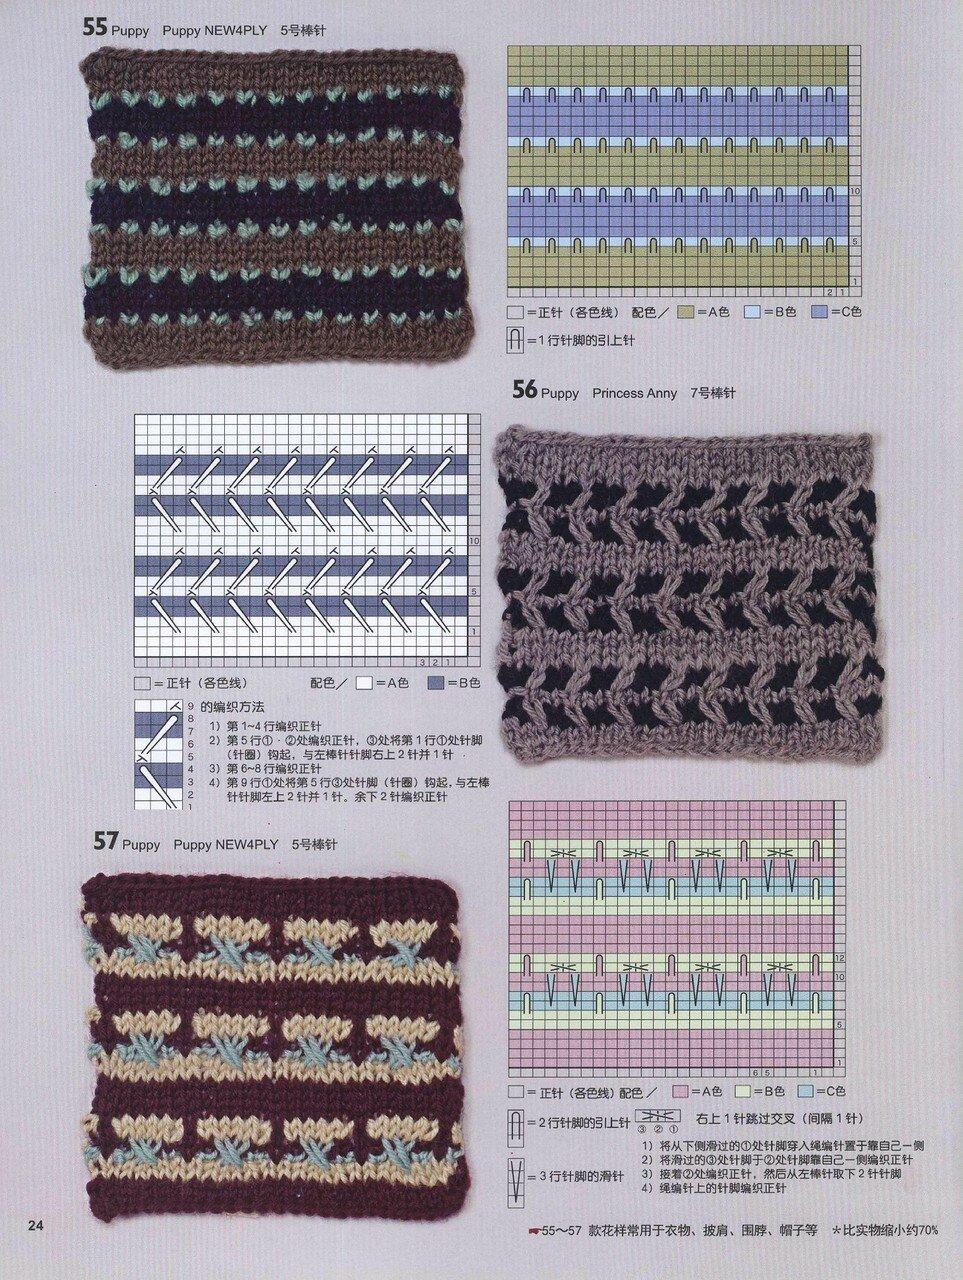 150 Knitting_26.jpg